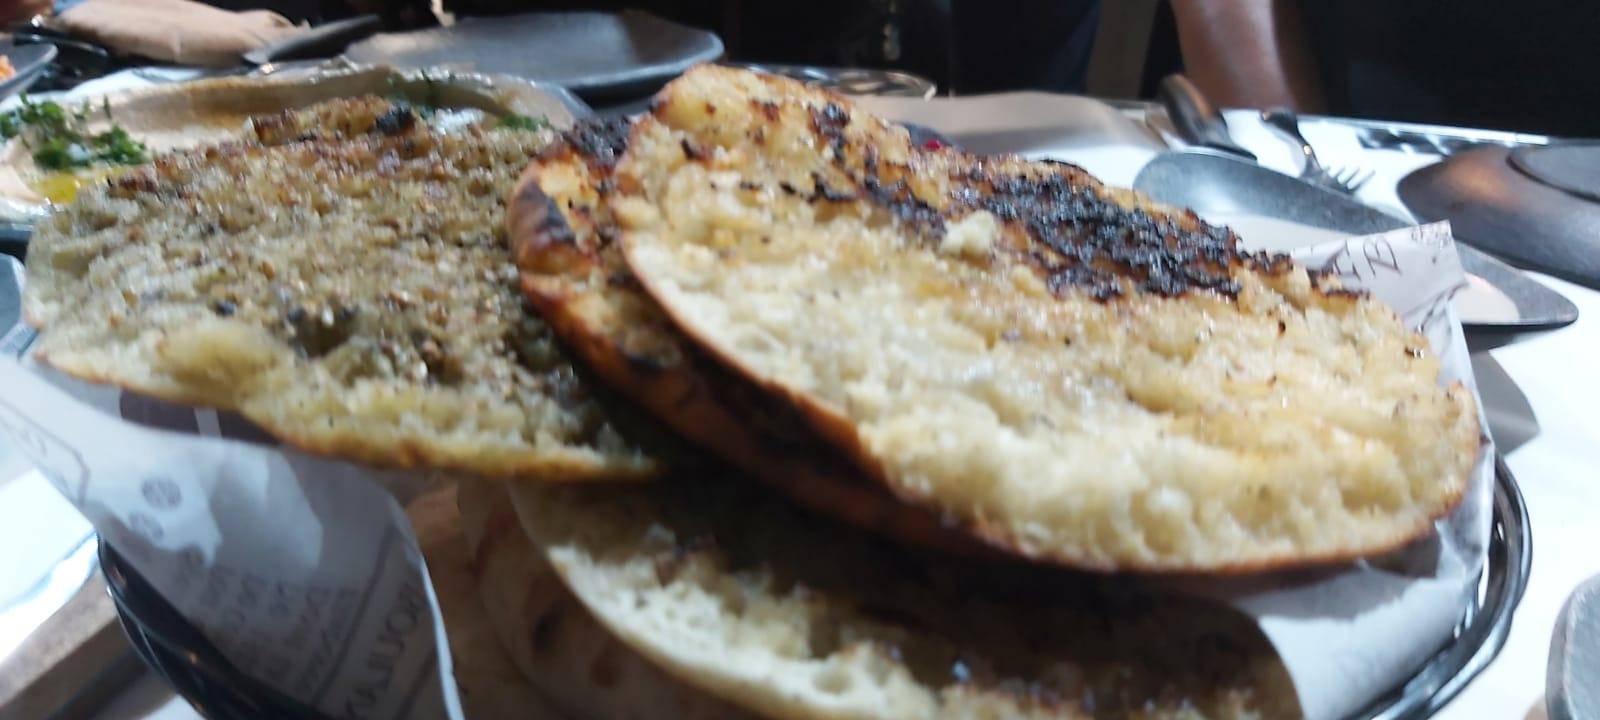 أشهى وجبات المشاوي مع خدمة التوصيل الى البيوت من مطعم جيمي بيافا